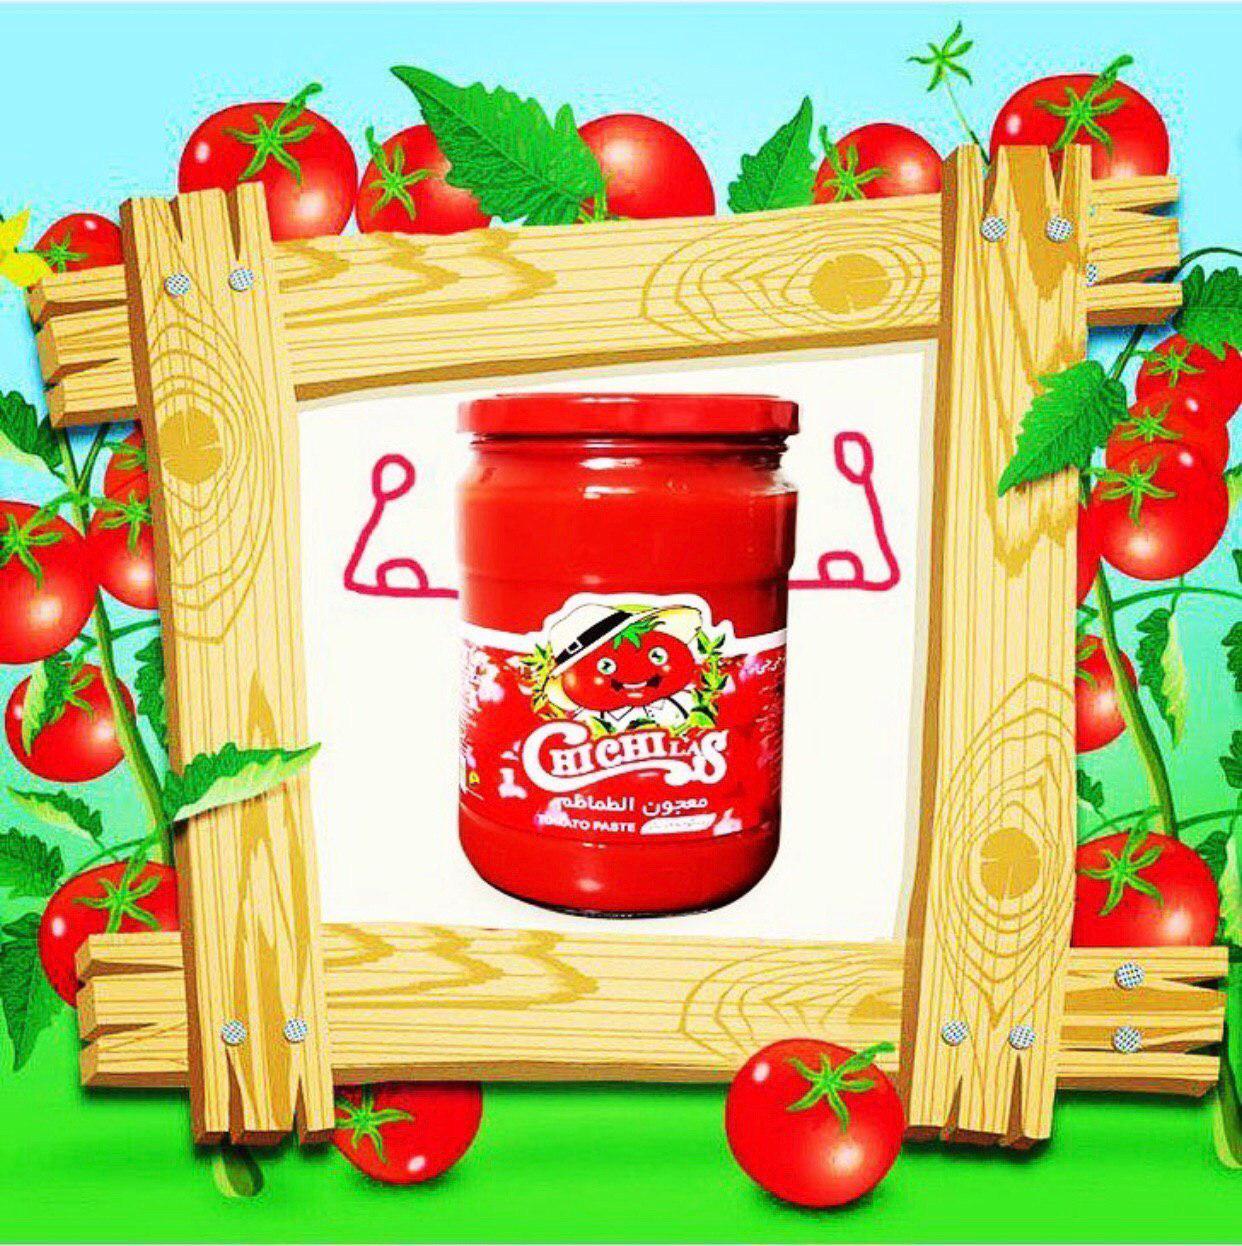 رب گوجه فرنگی نمونه با مارک چی چی لاس